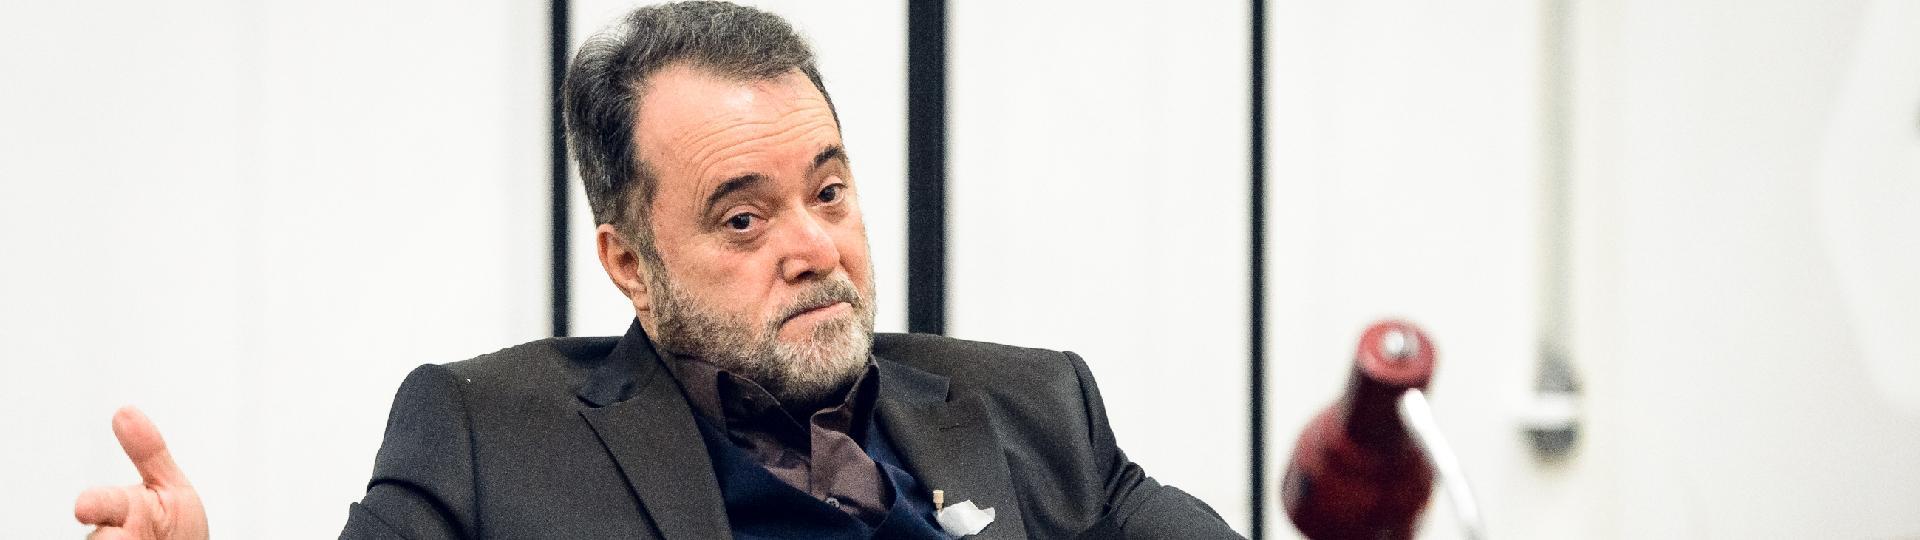 Tony Ramos grava as primeiras cenas como Abel Zebul, protagonista da série